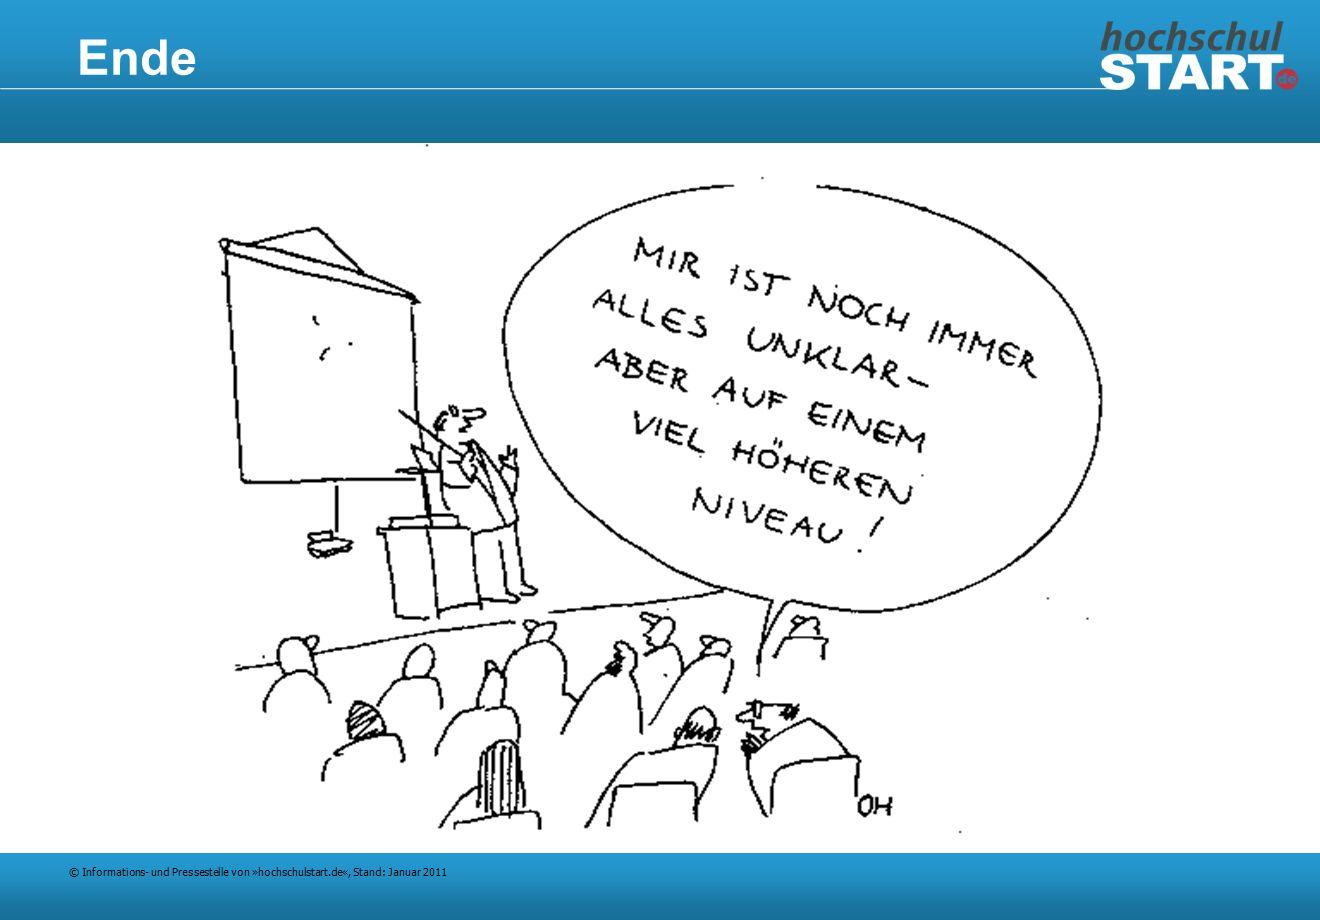 © Informations- und Pressestelle von »hochschulstart.de«, Stand: Januar 2011 Ende